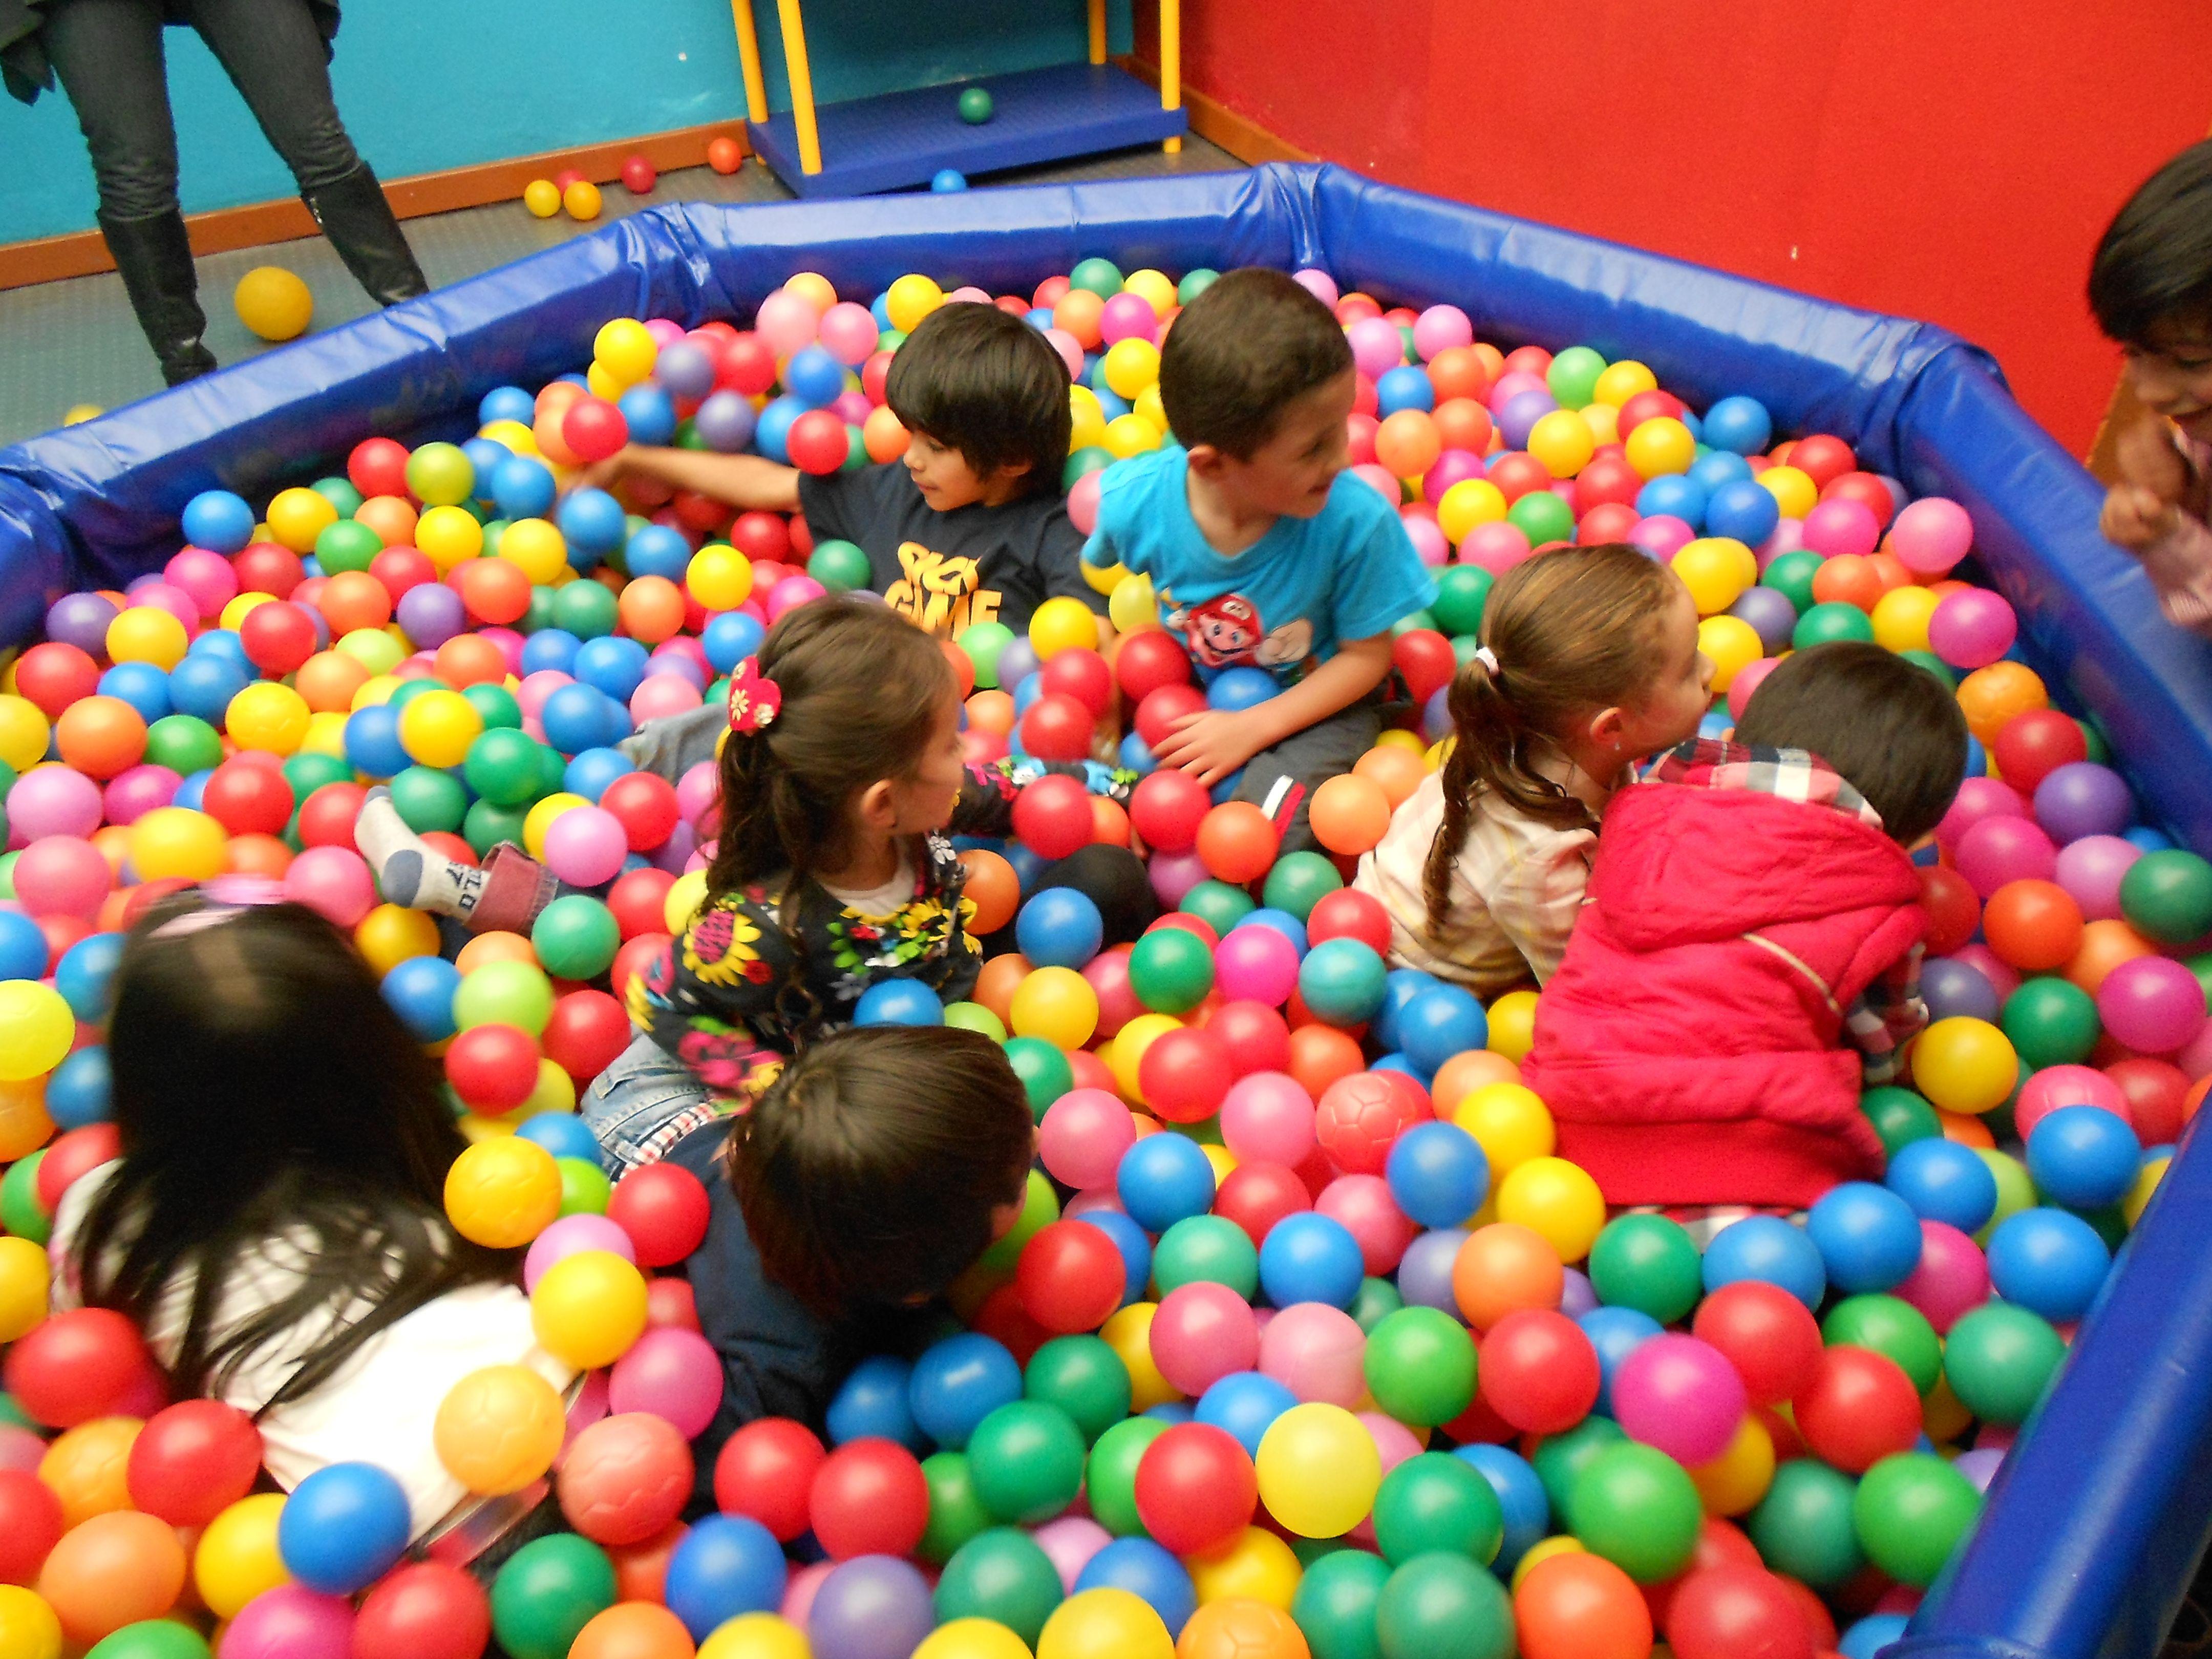 A divertirnos en la piscina de pelotas fiestas for Pelotas para piscina